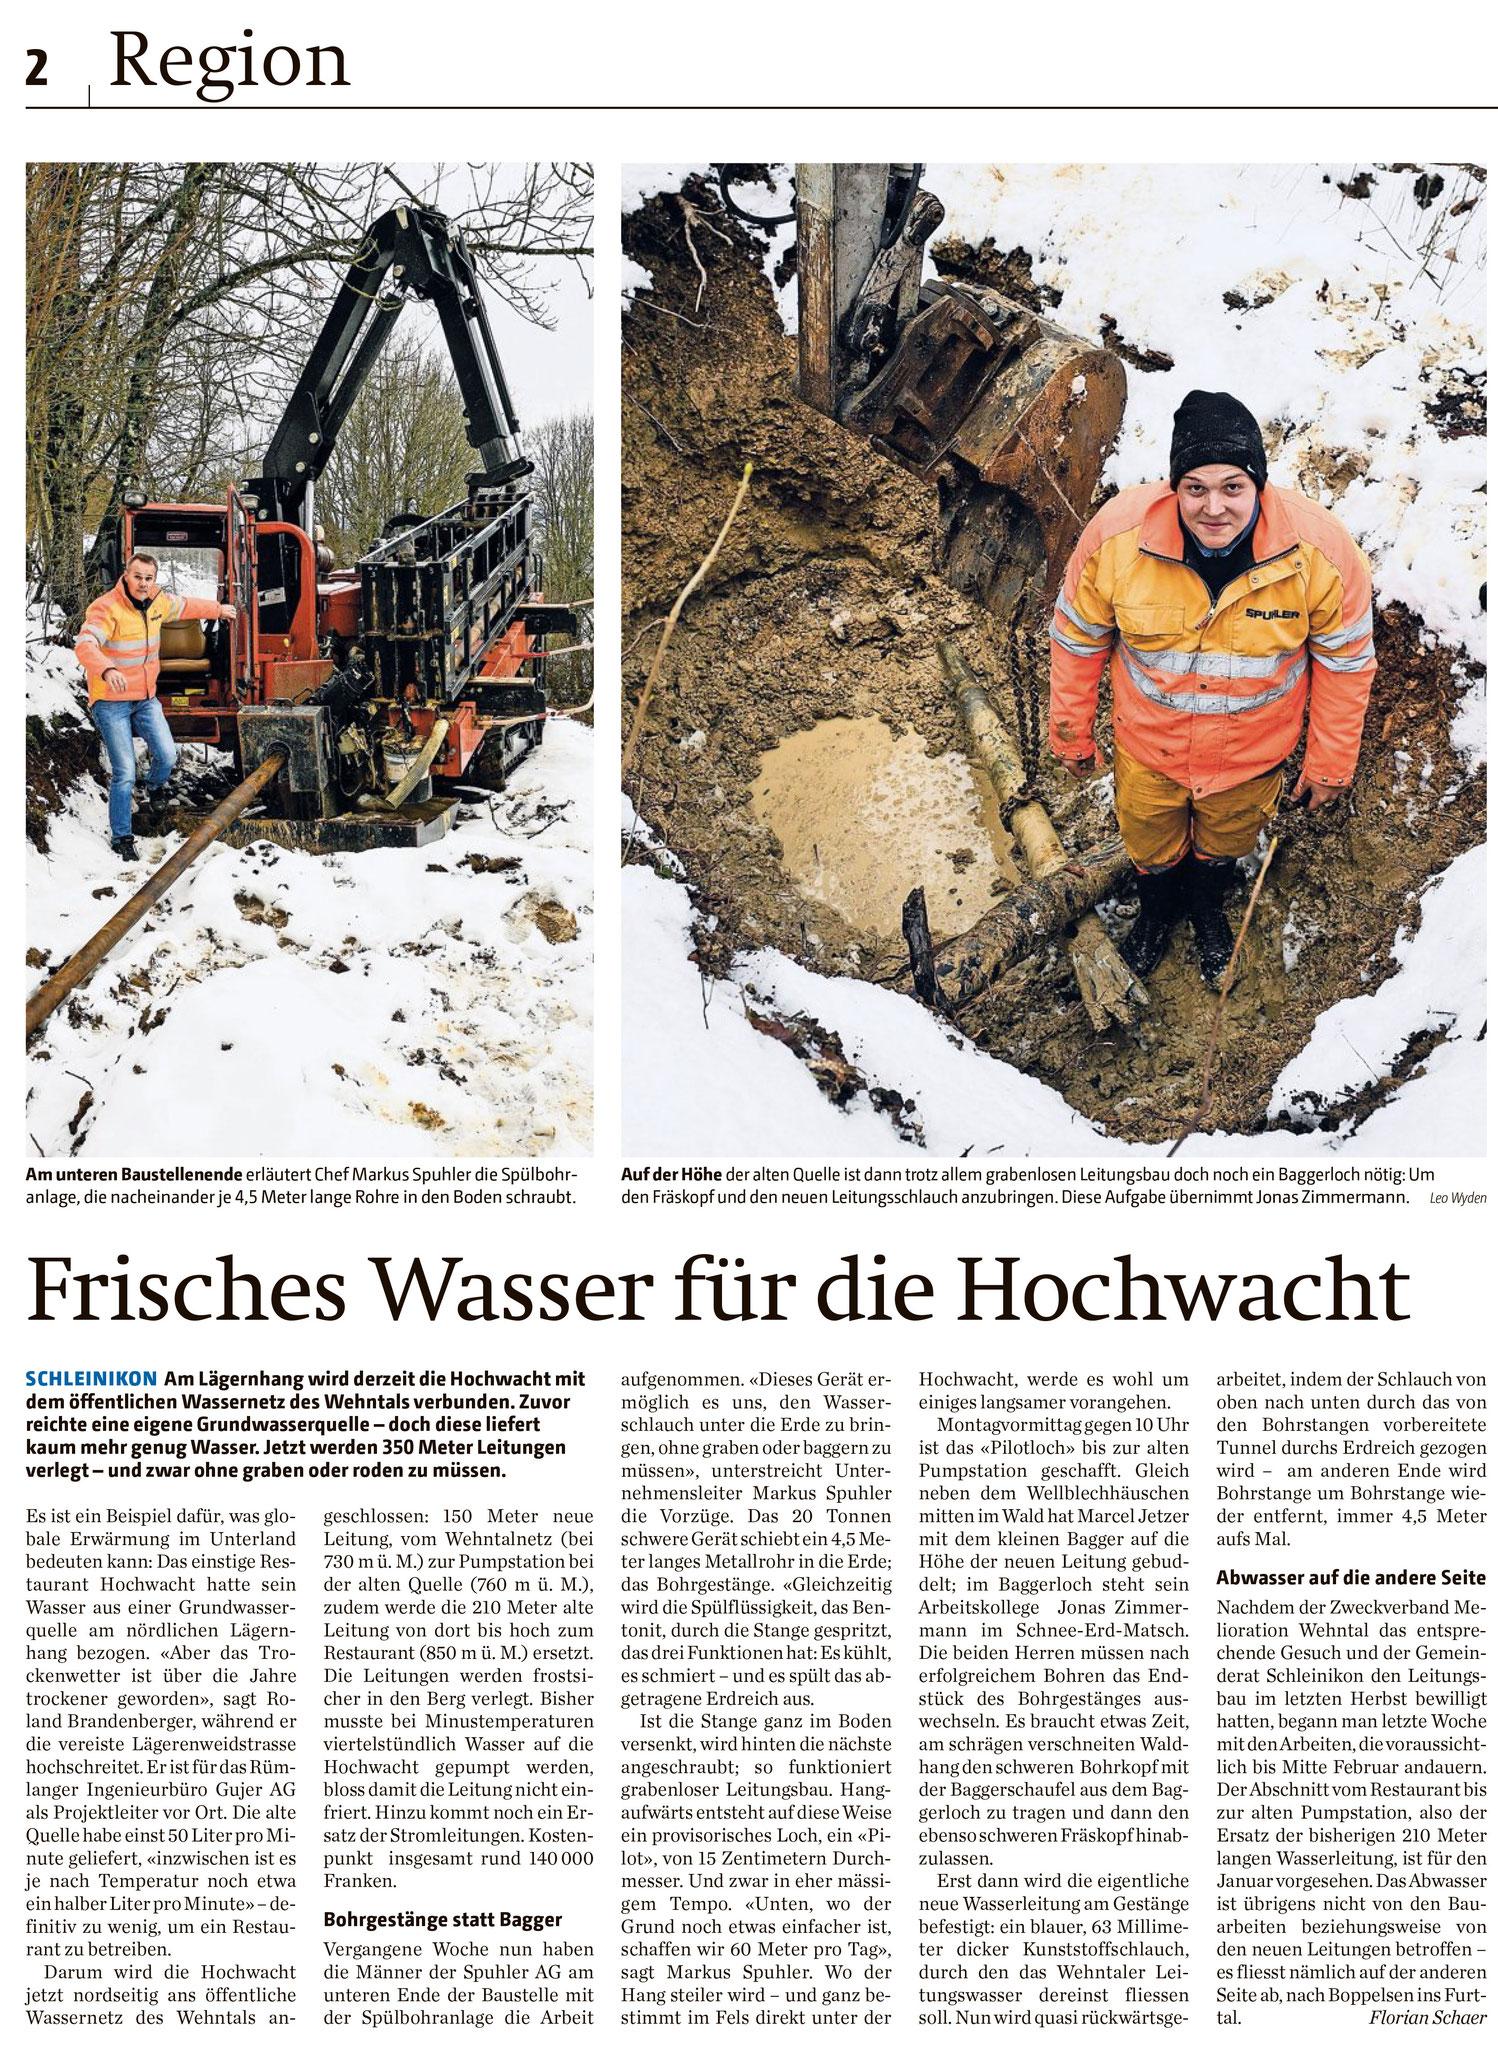 12.12.2017::Zürcher Unterländer